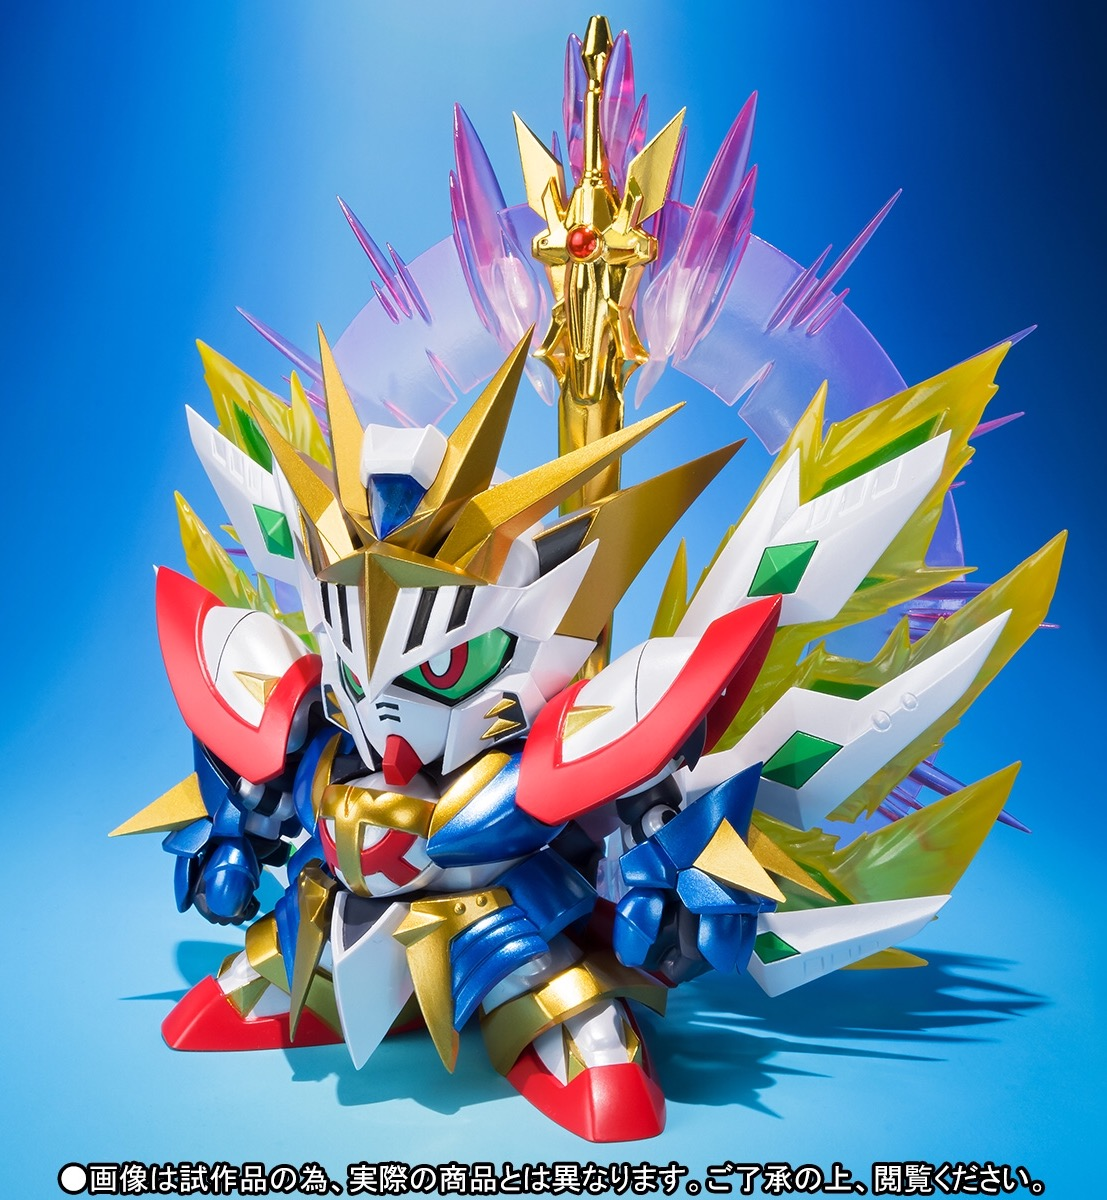 SDX Gundam (Bandai) BJf33agr_o